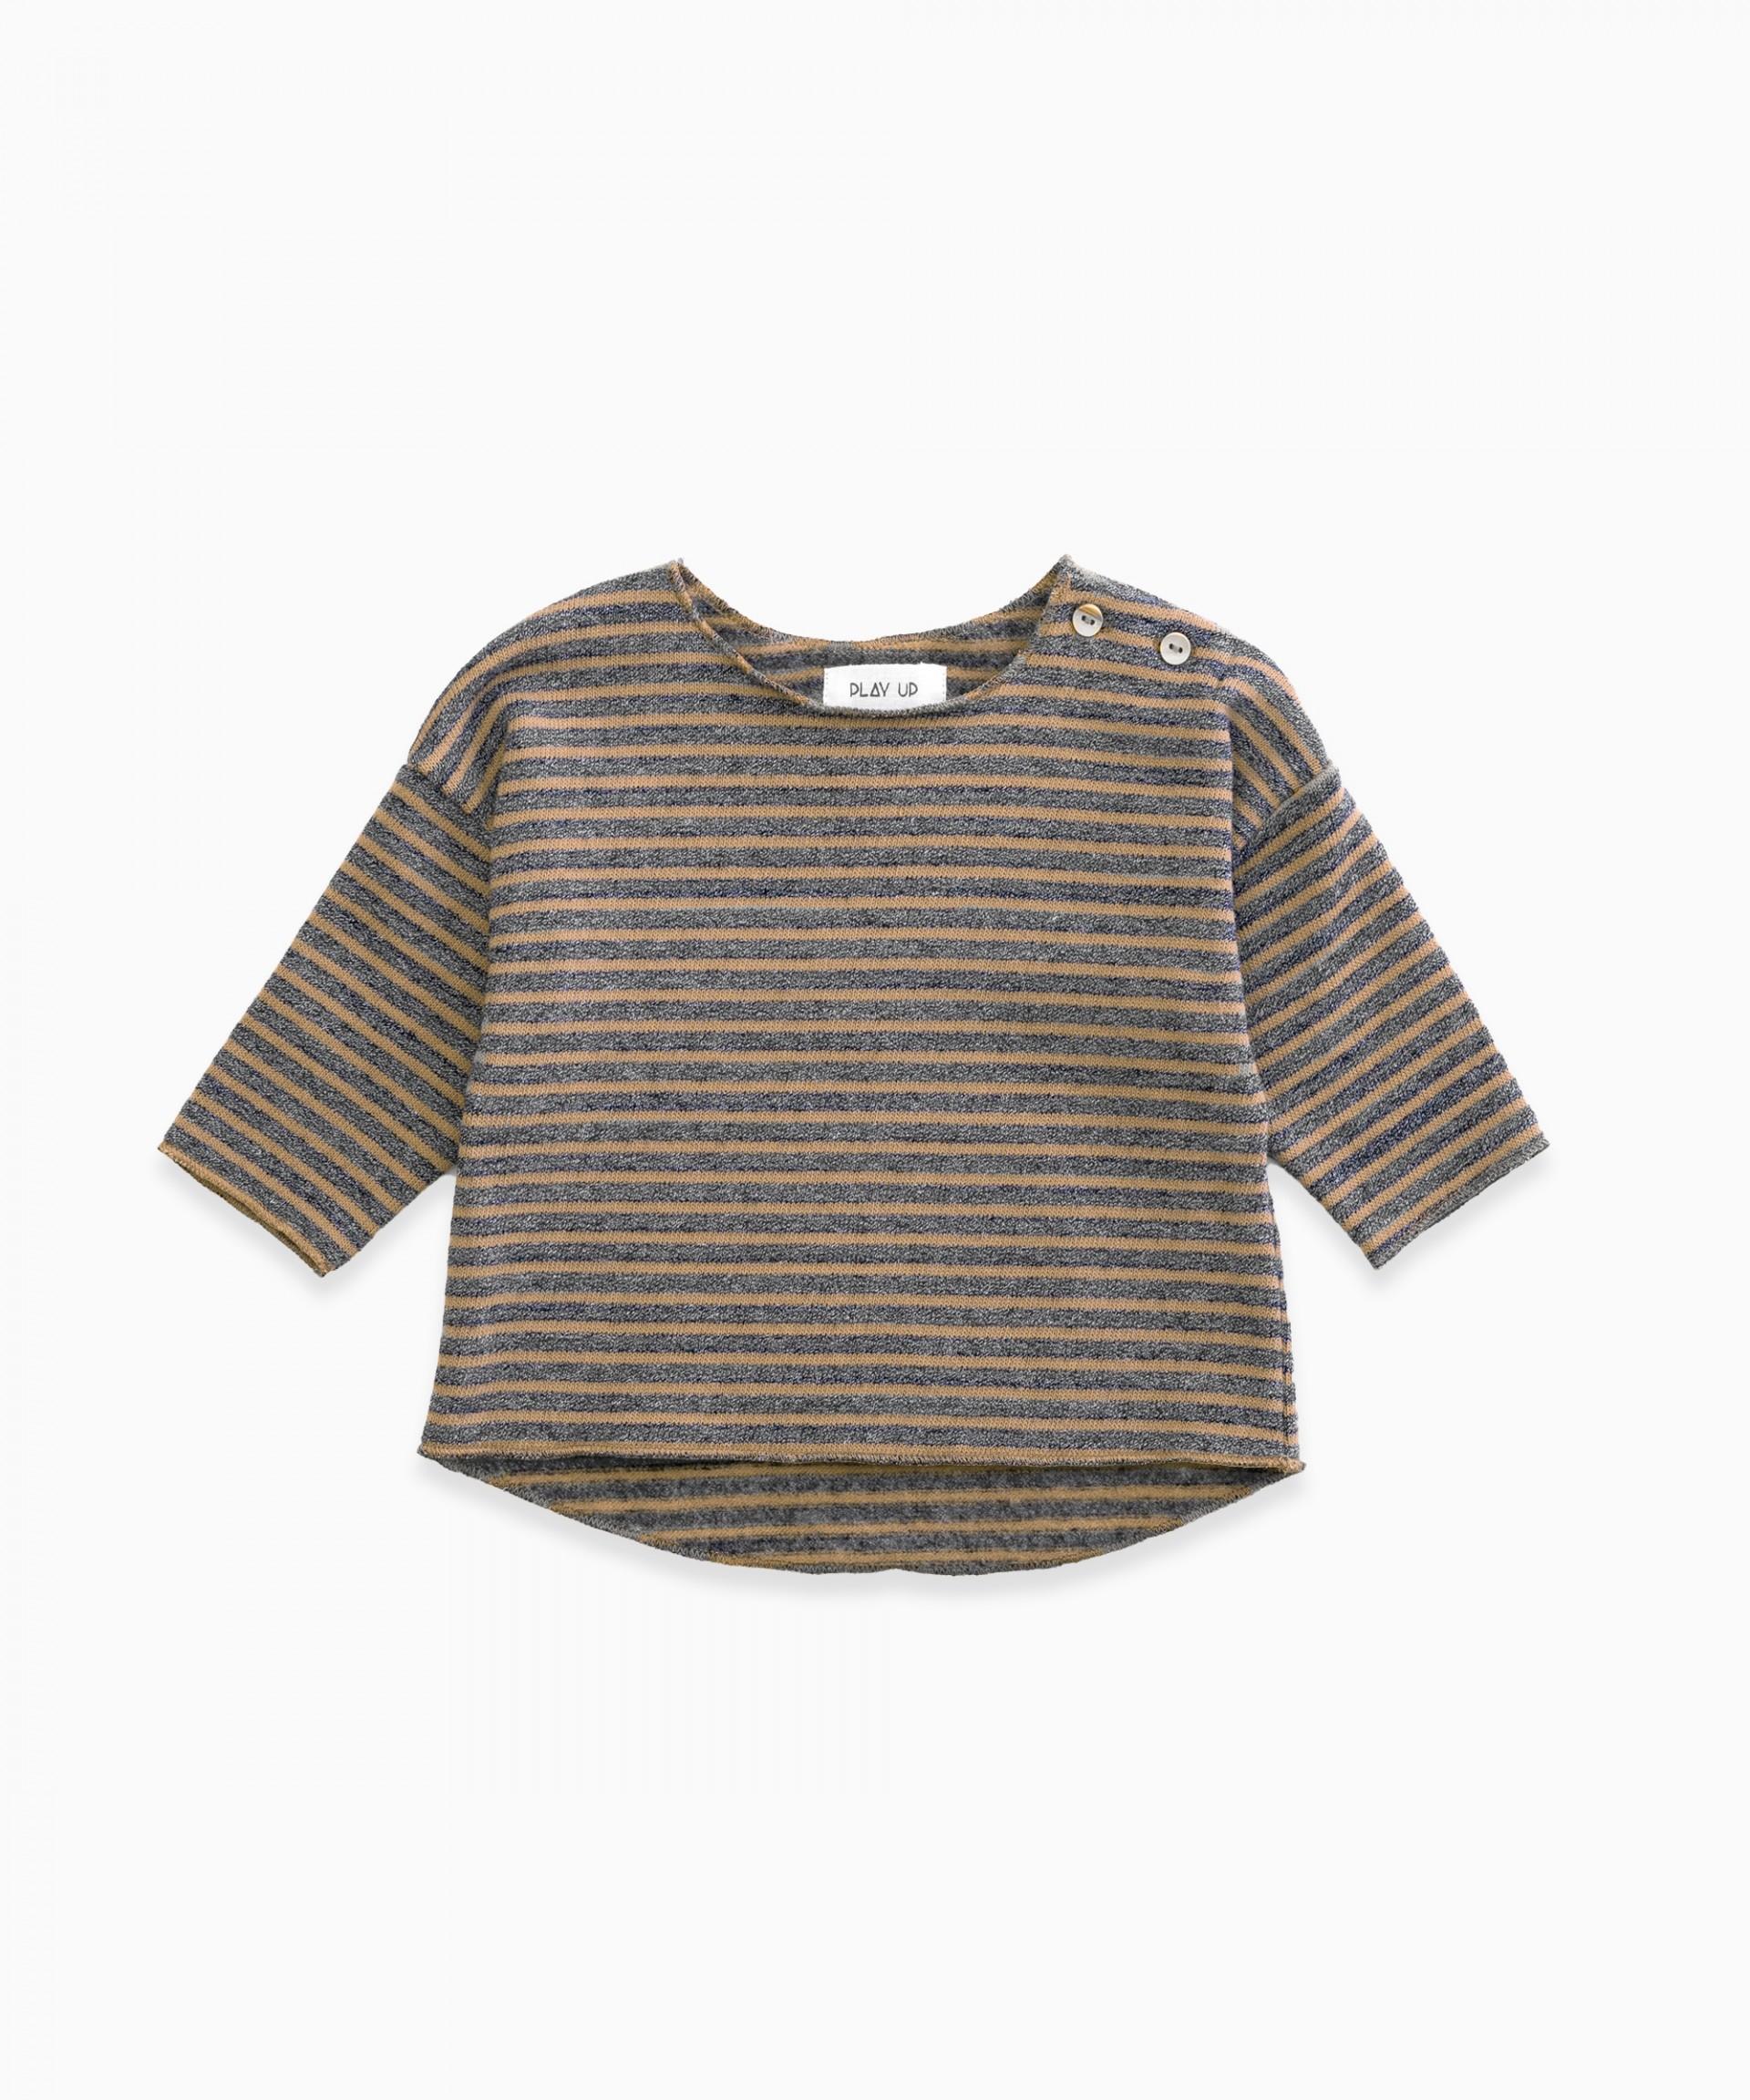 Jersey de rayas | Woodwork